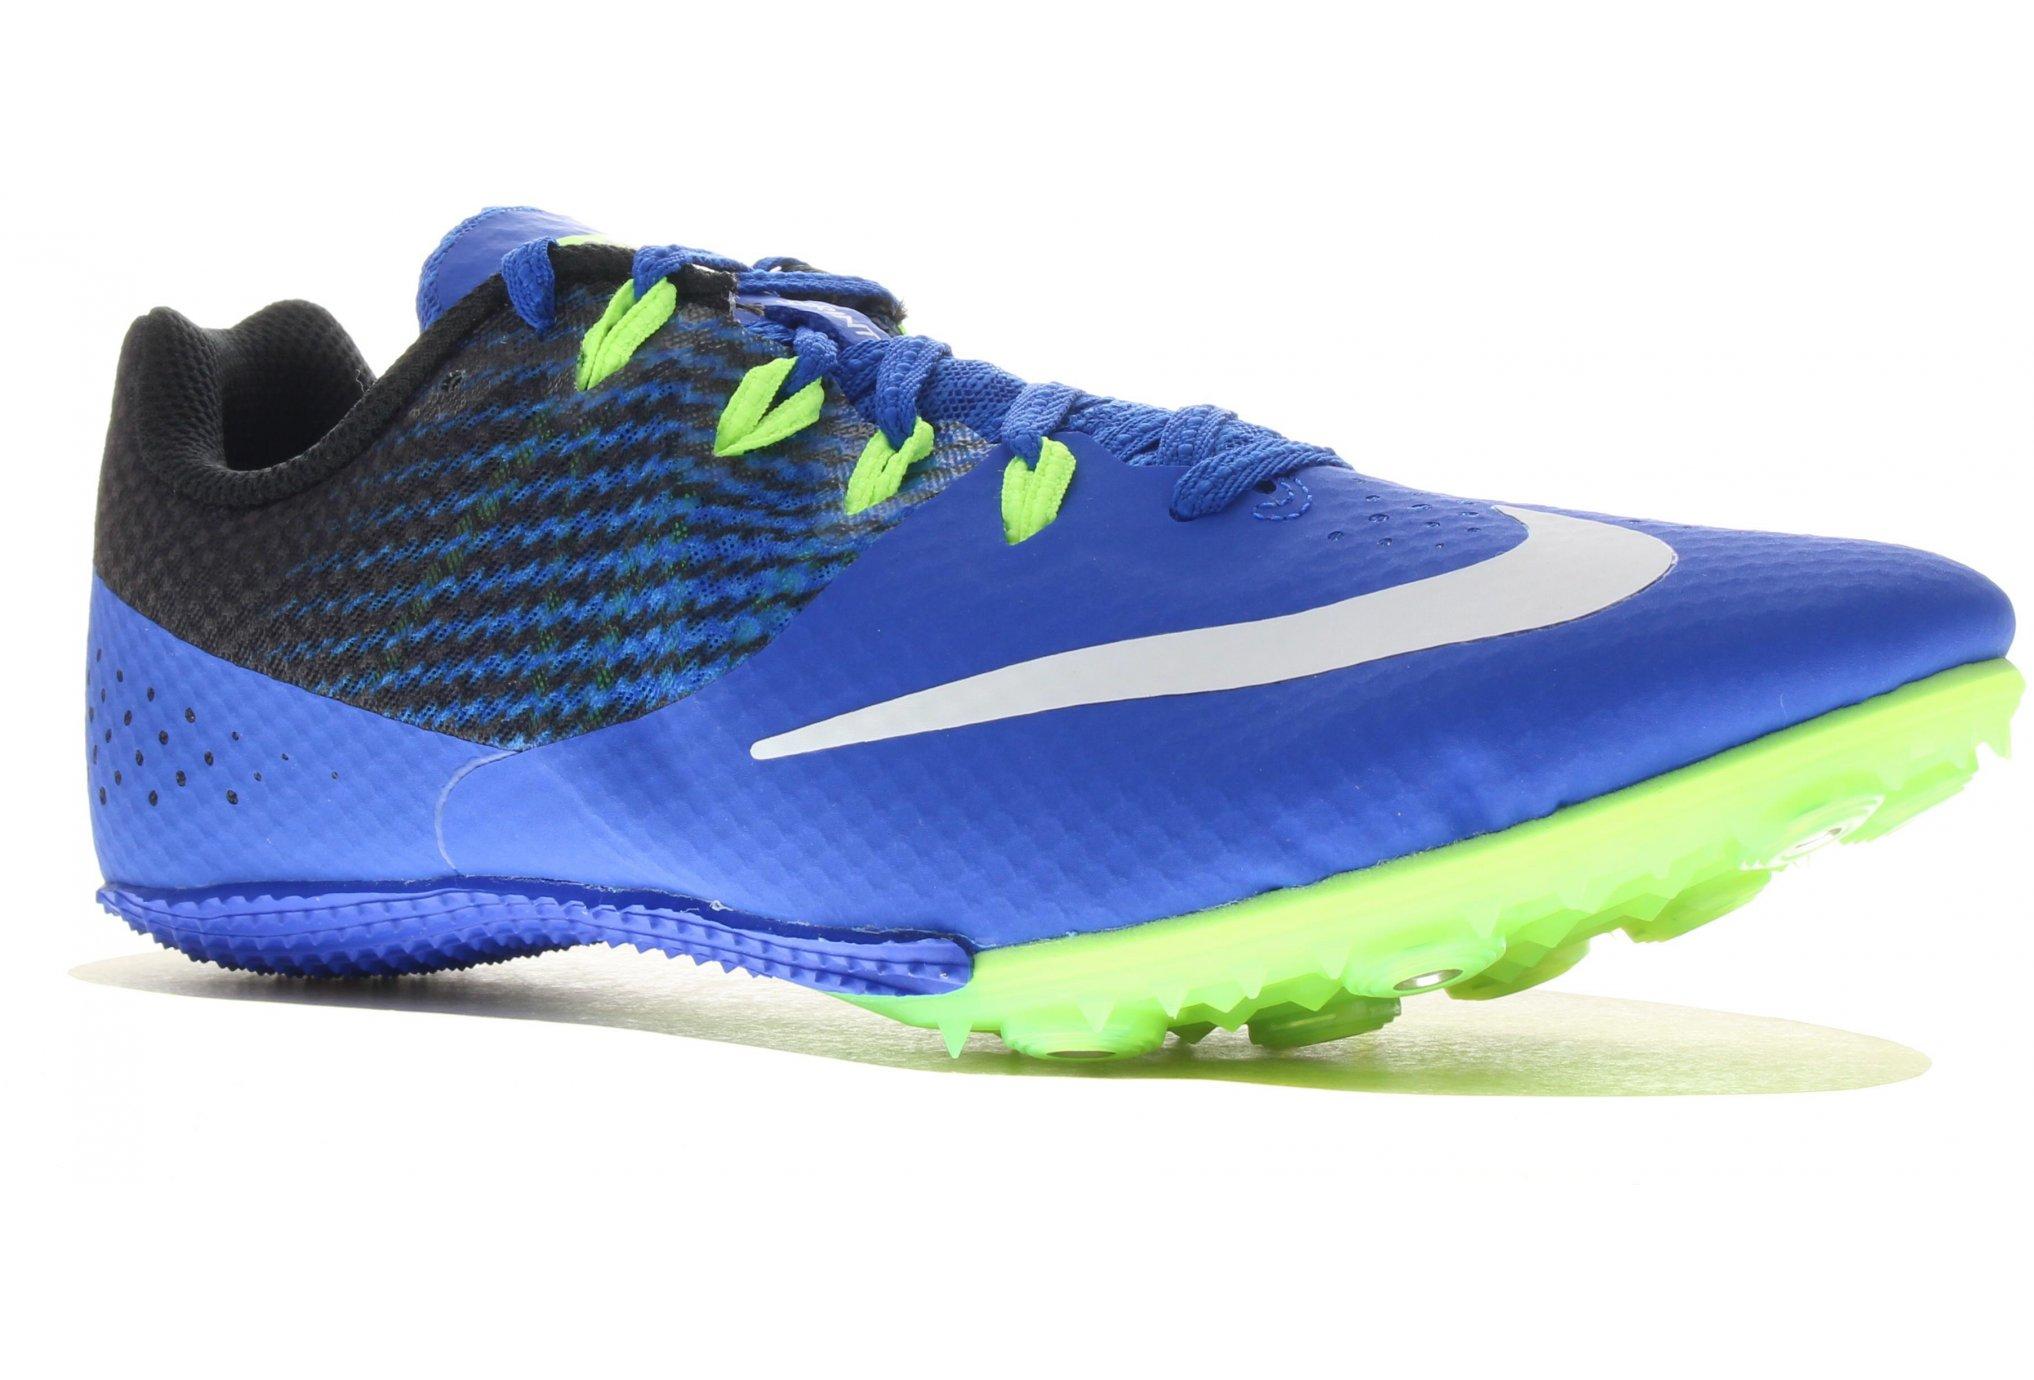 Nike Zoom Rival S 8 M Diététique Chaussures homme